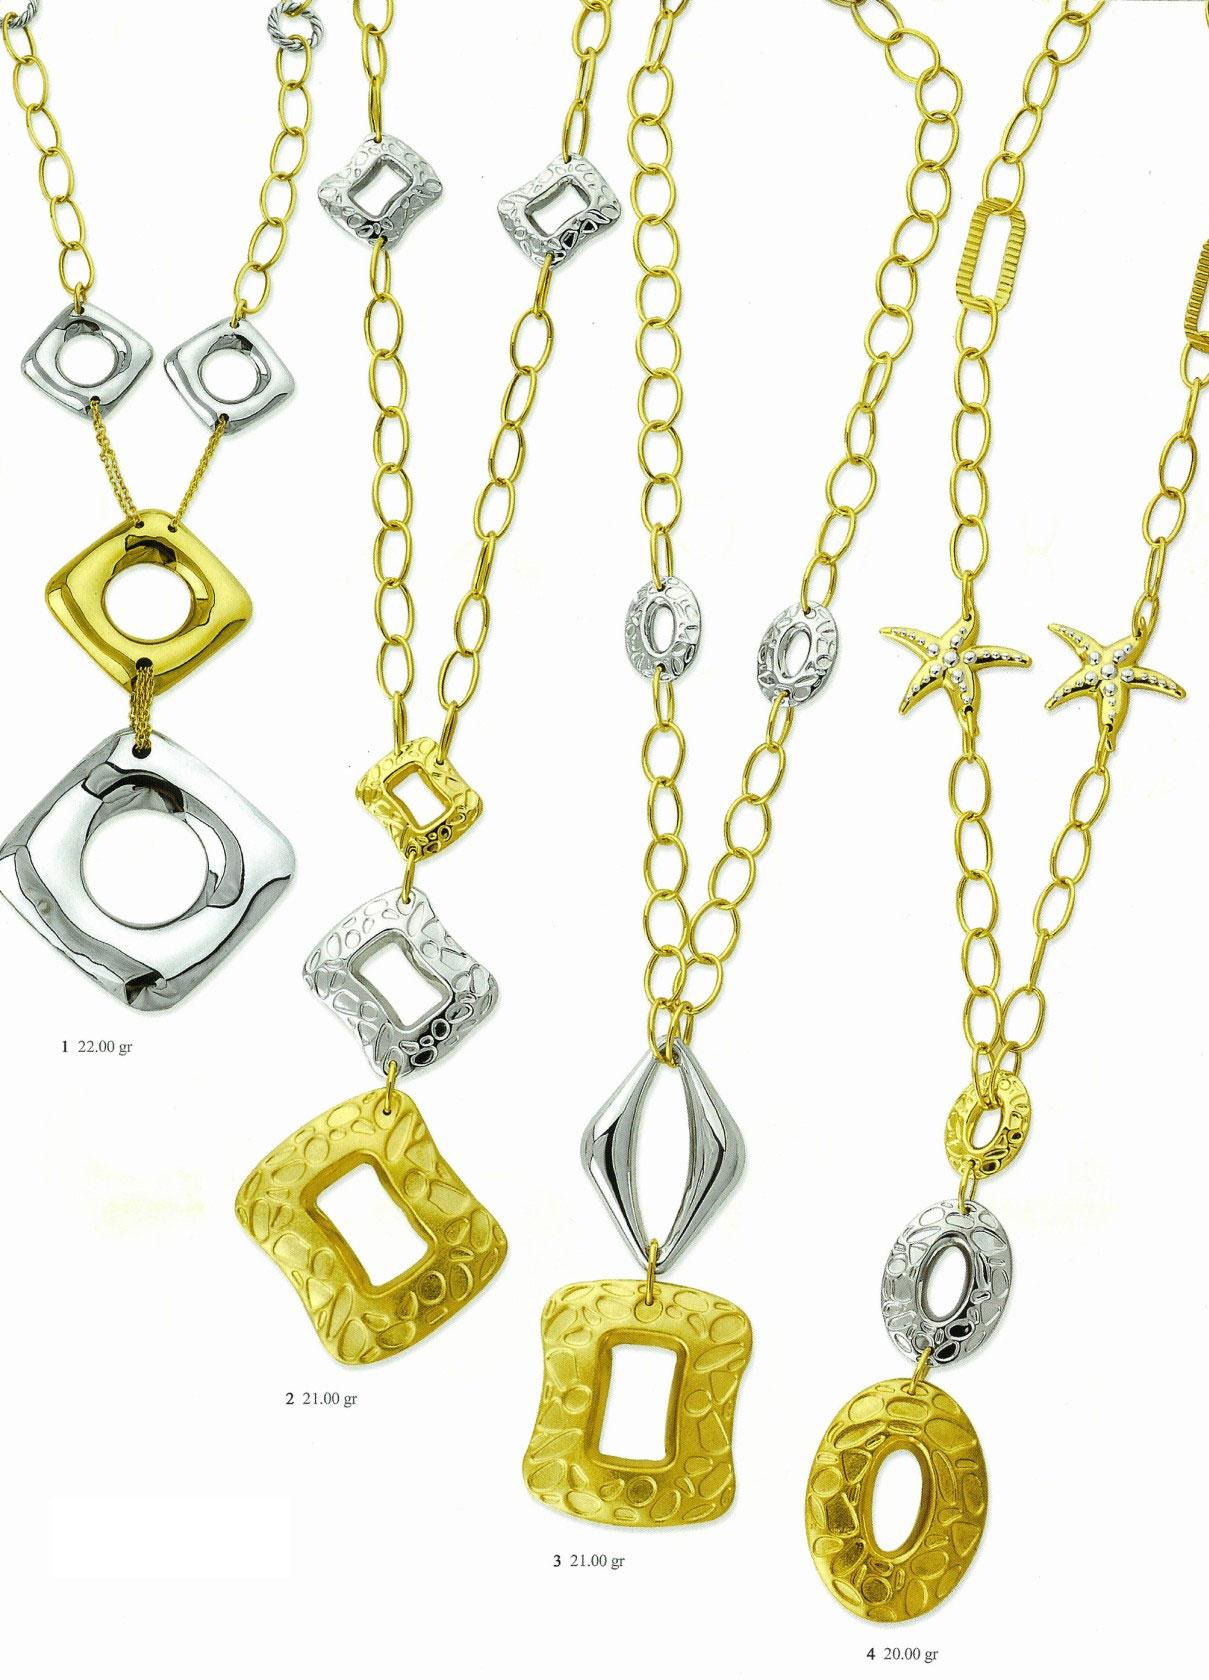 5_necklaces_M1